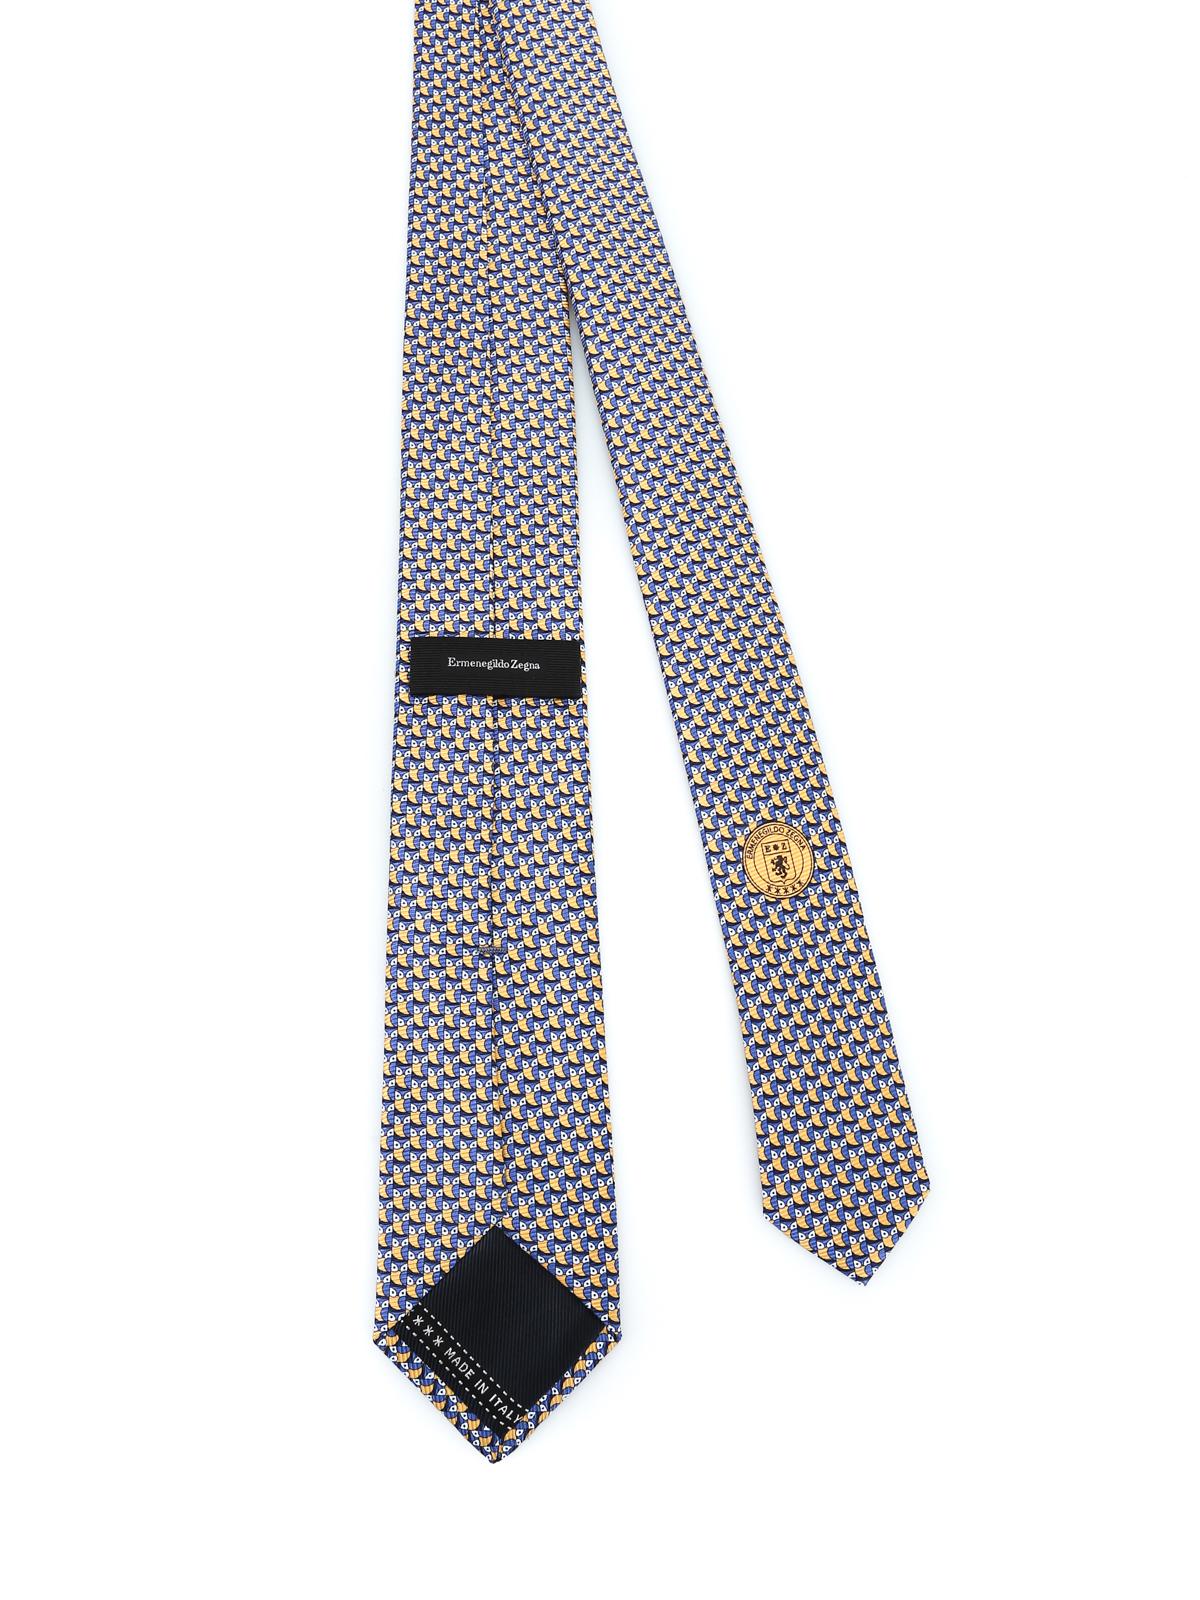 moda noi sporchi piuttosto carino Ermenegildo Zegna - Cravatta con gufo in seta gialla e blu ...